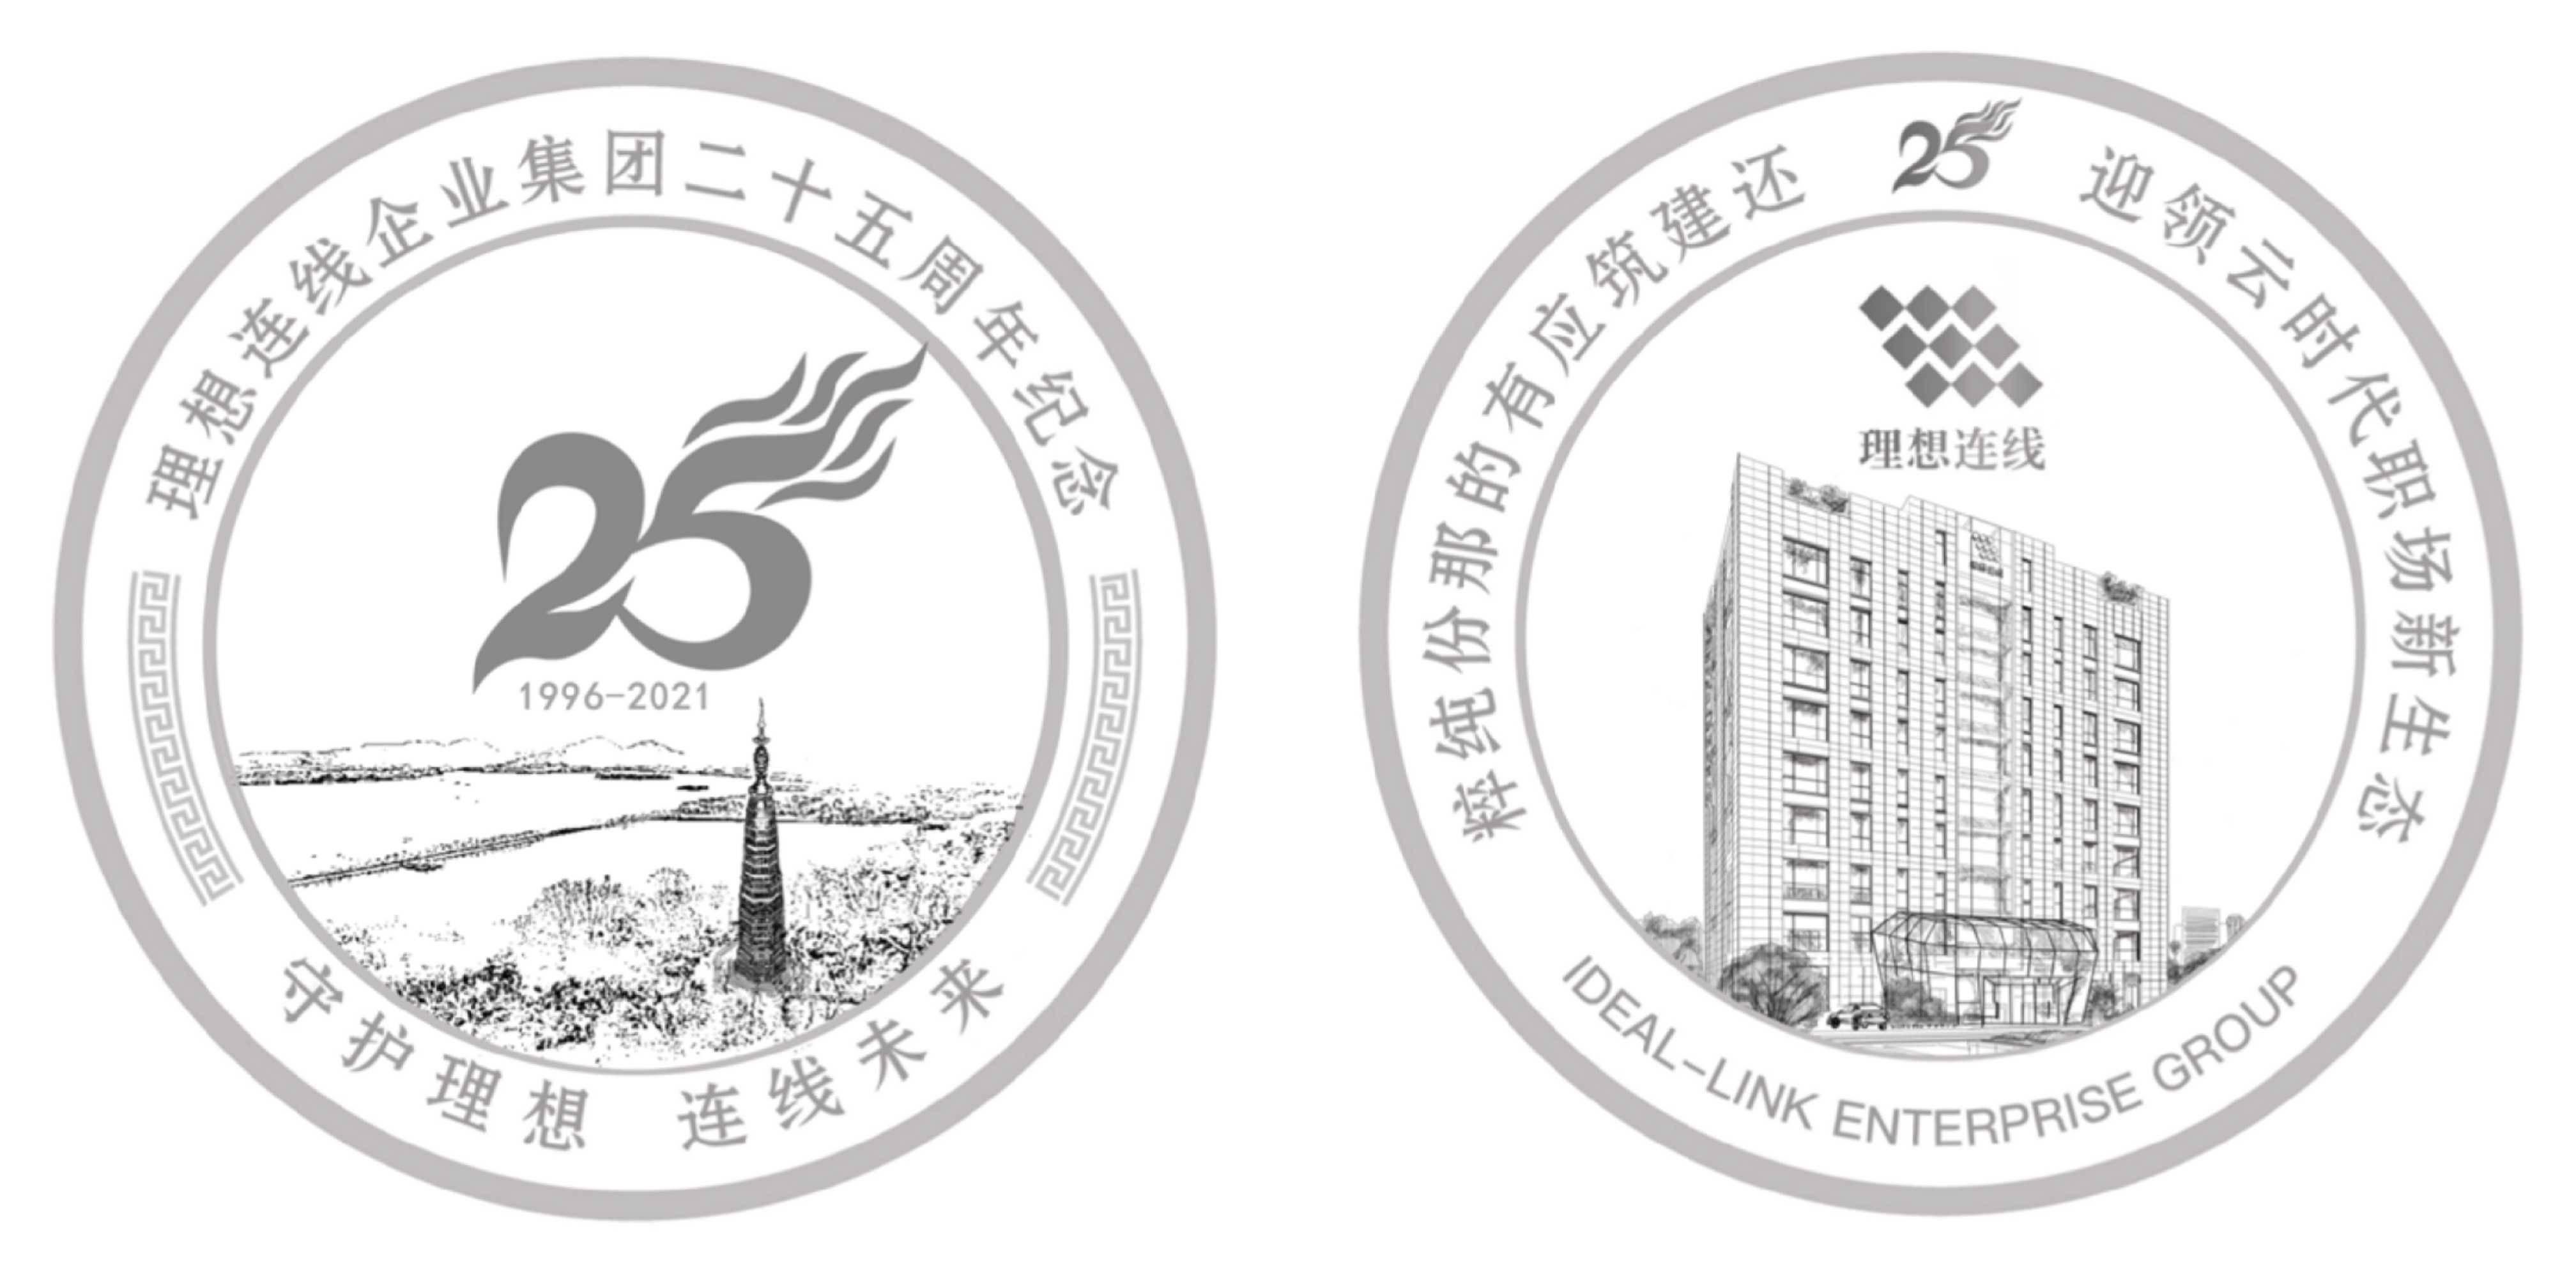 理想连线25周纪念币设计图